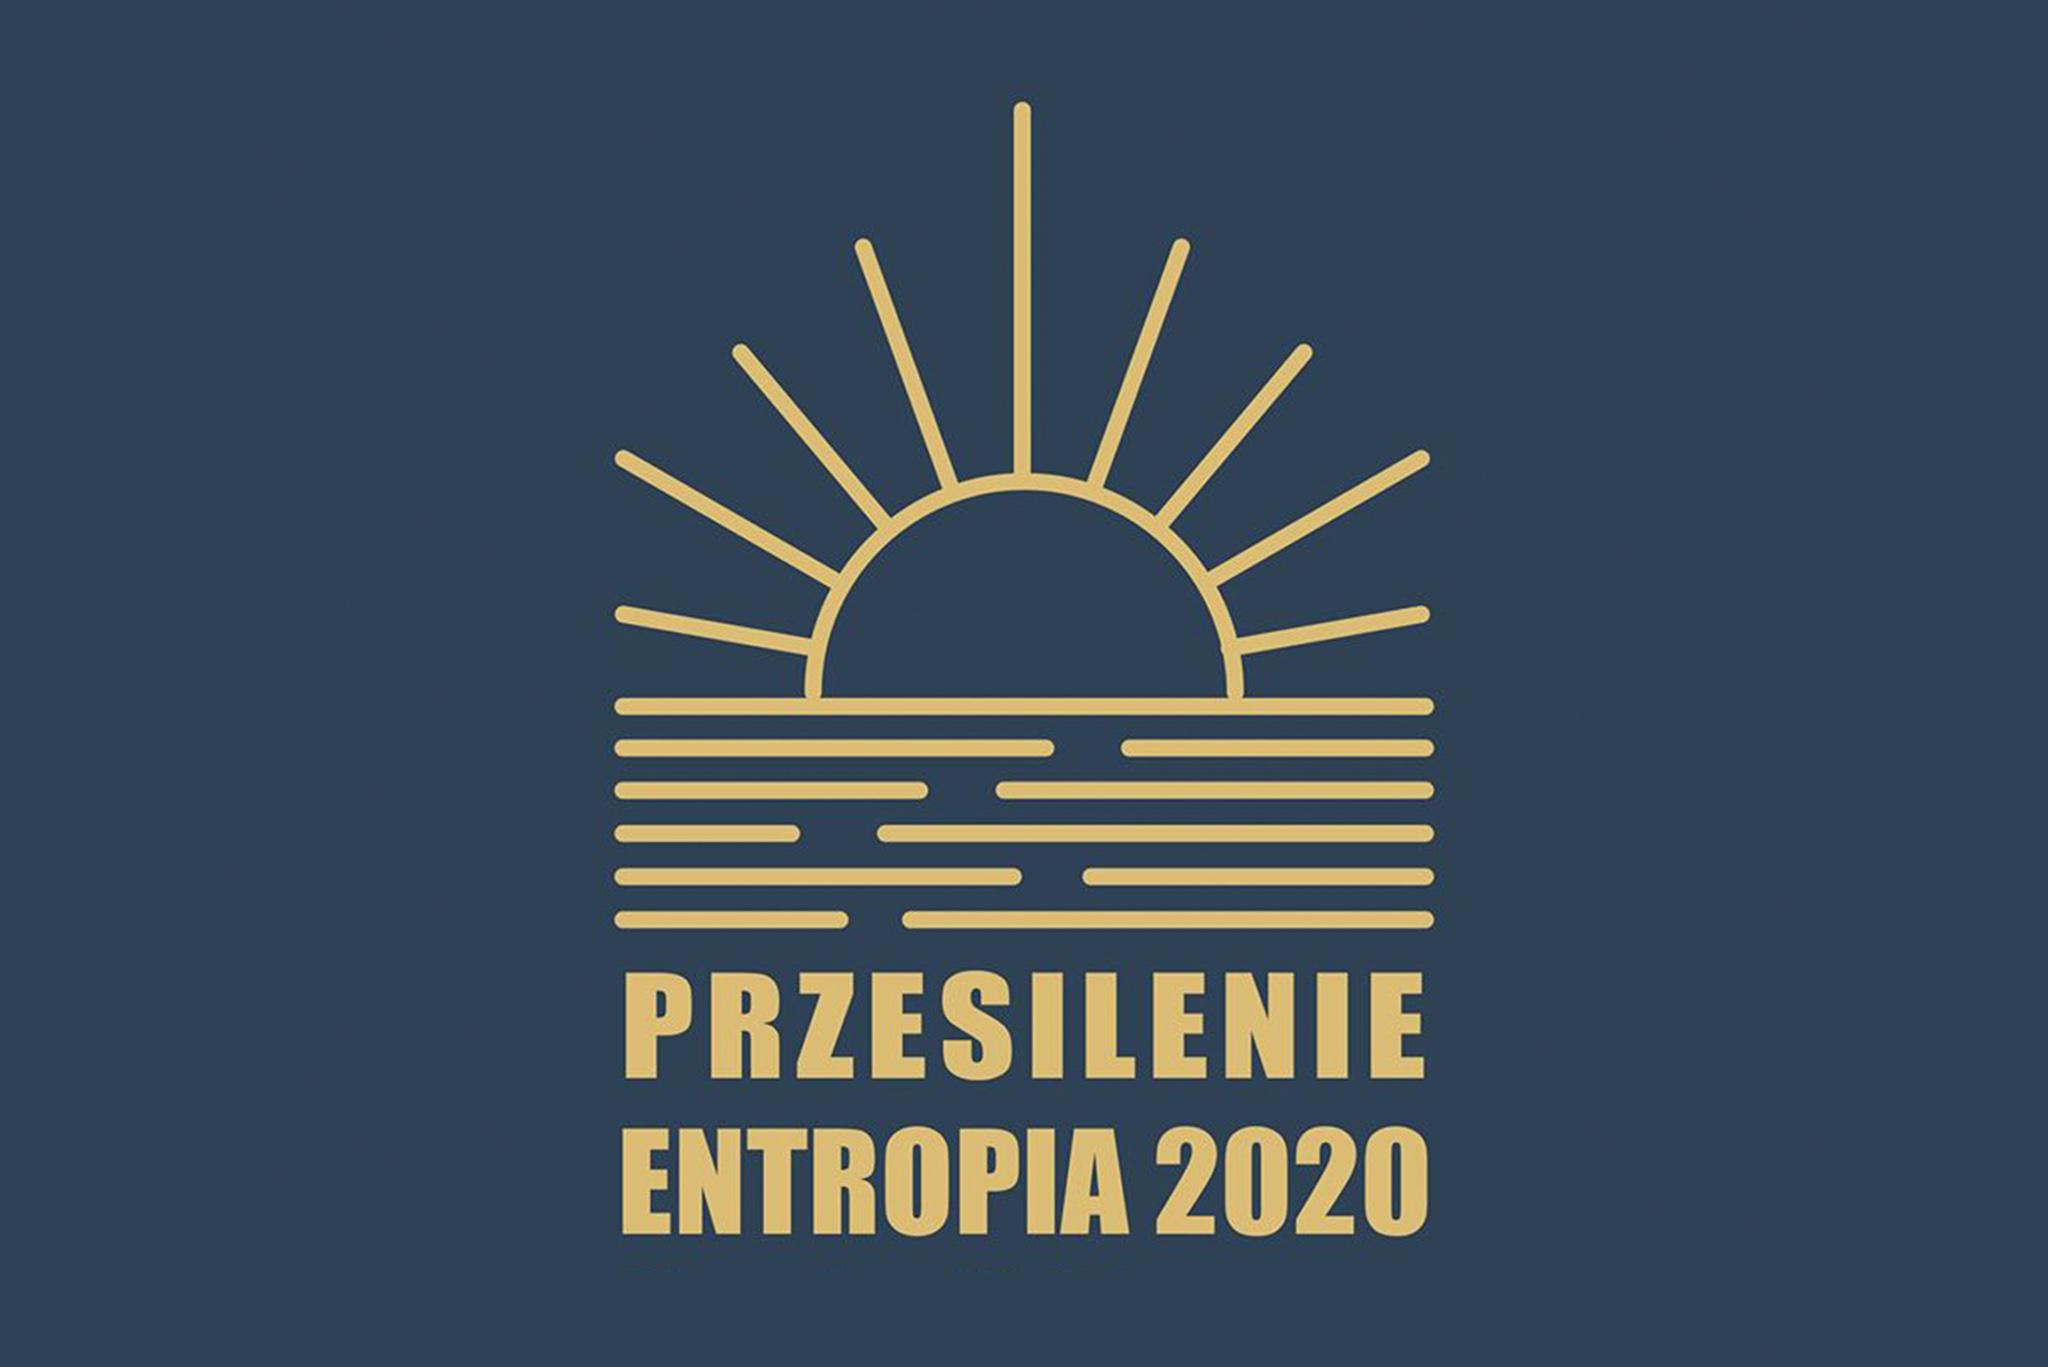 Przesilenie - Entropia 2020